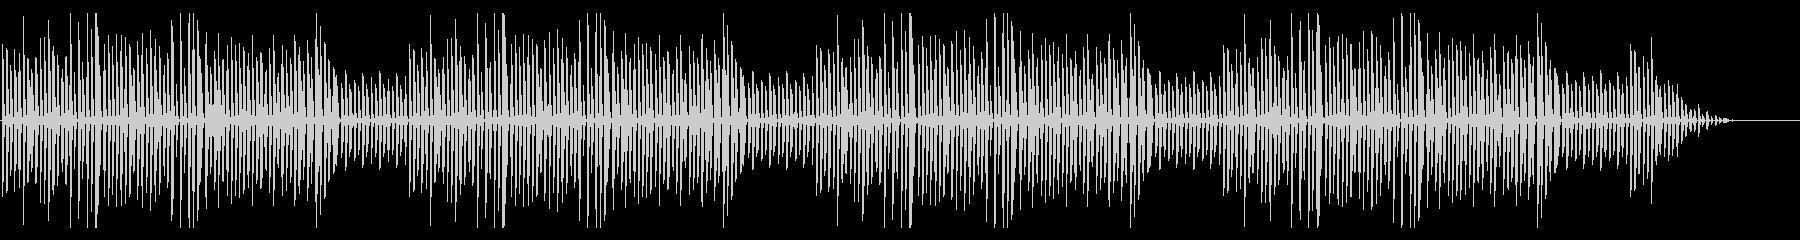 秋の童謡「虫の声」シンプルなピアノソロの未再生の波形